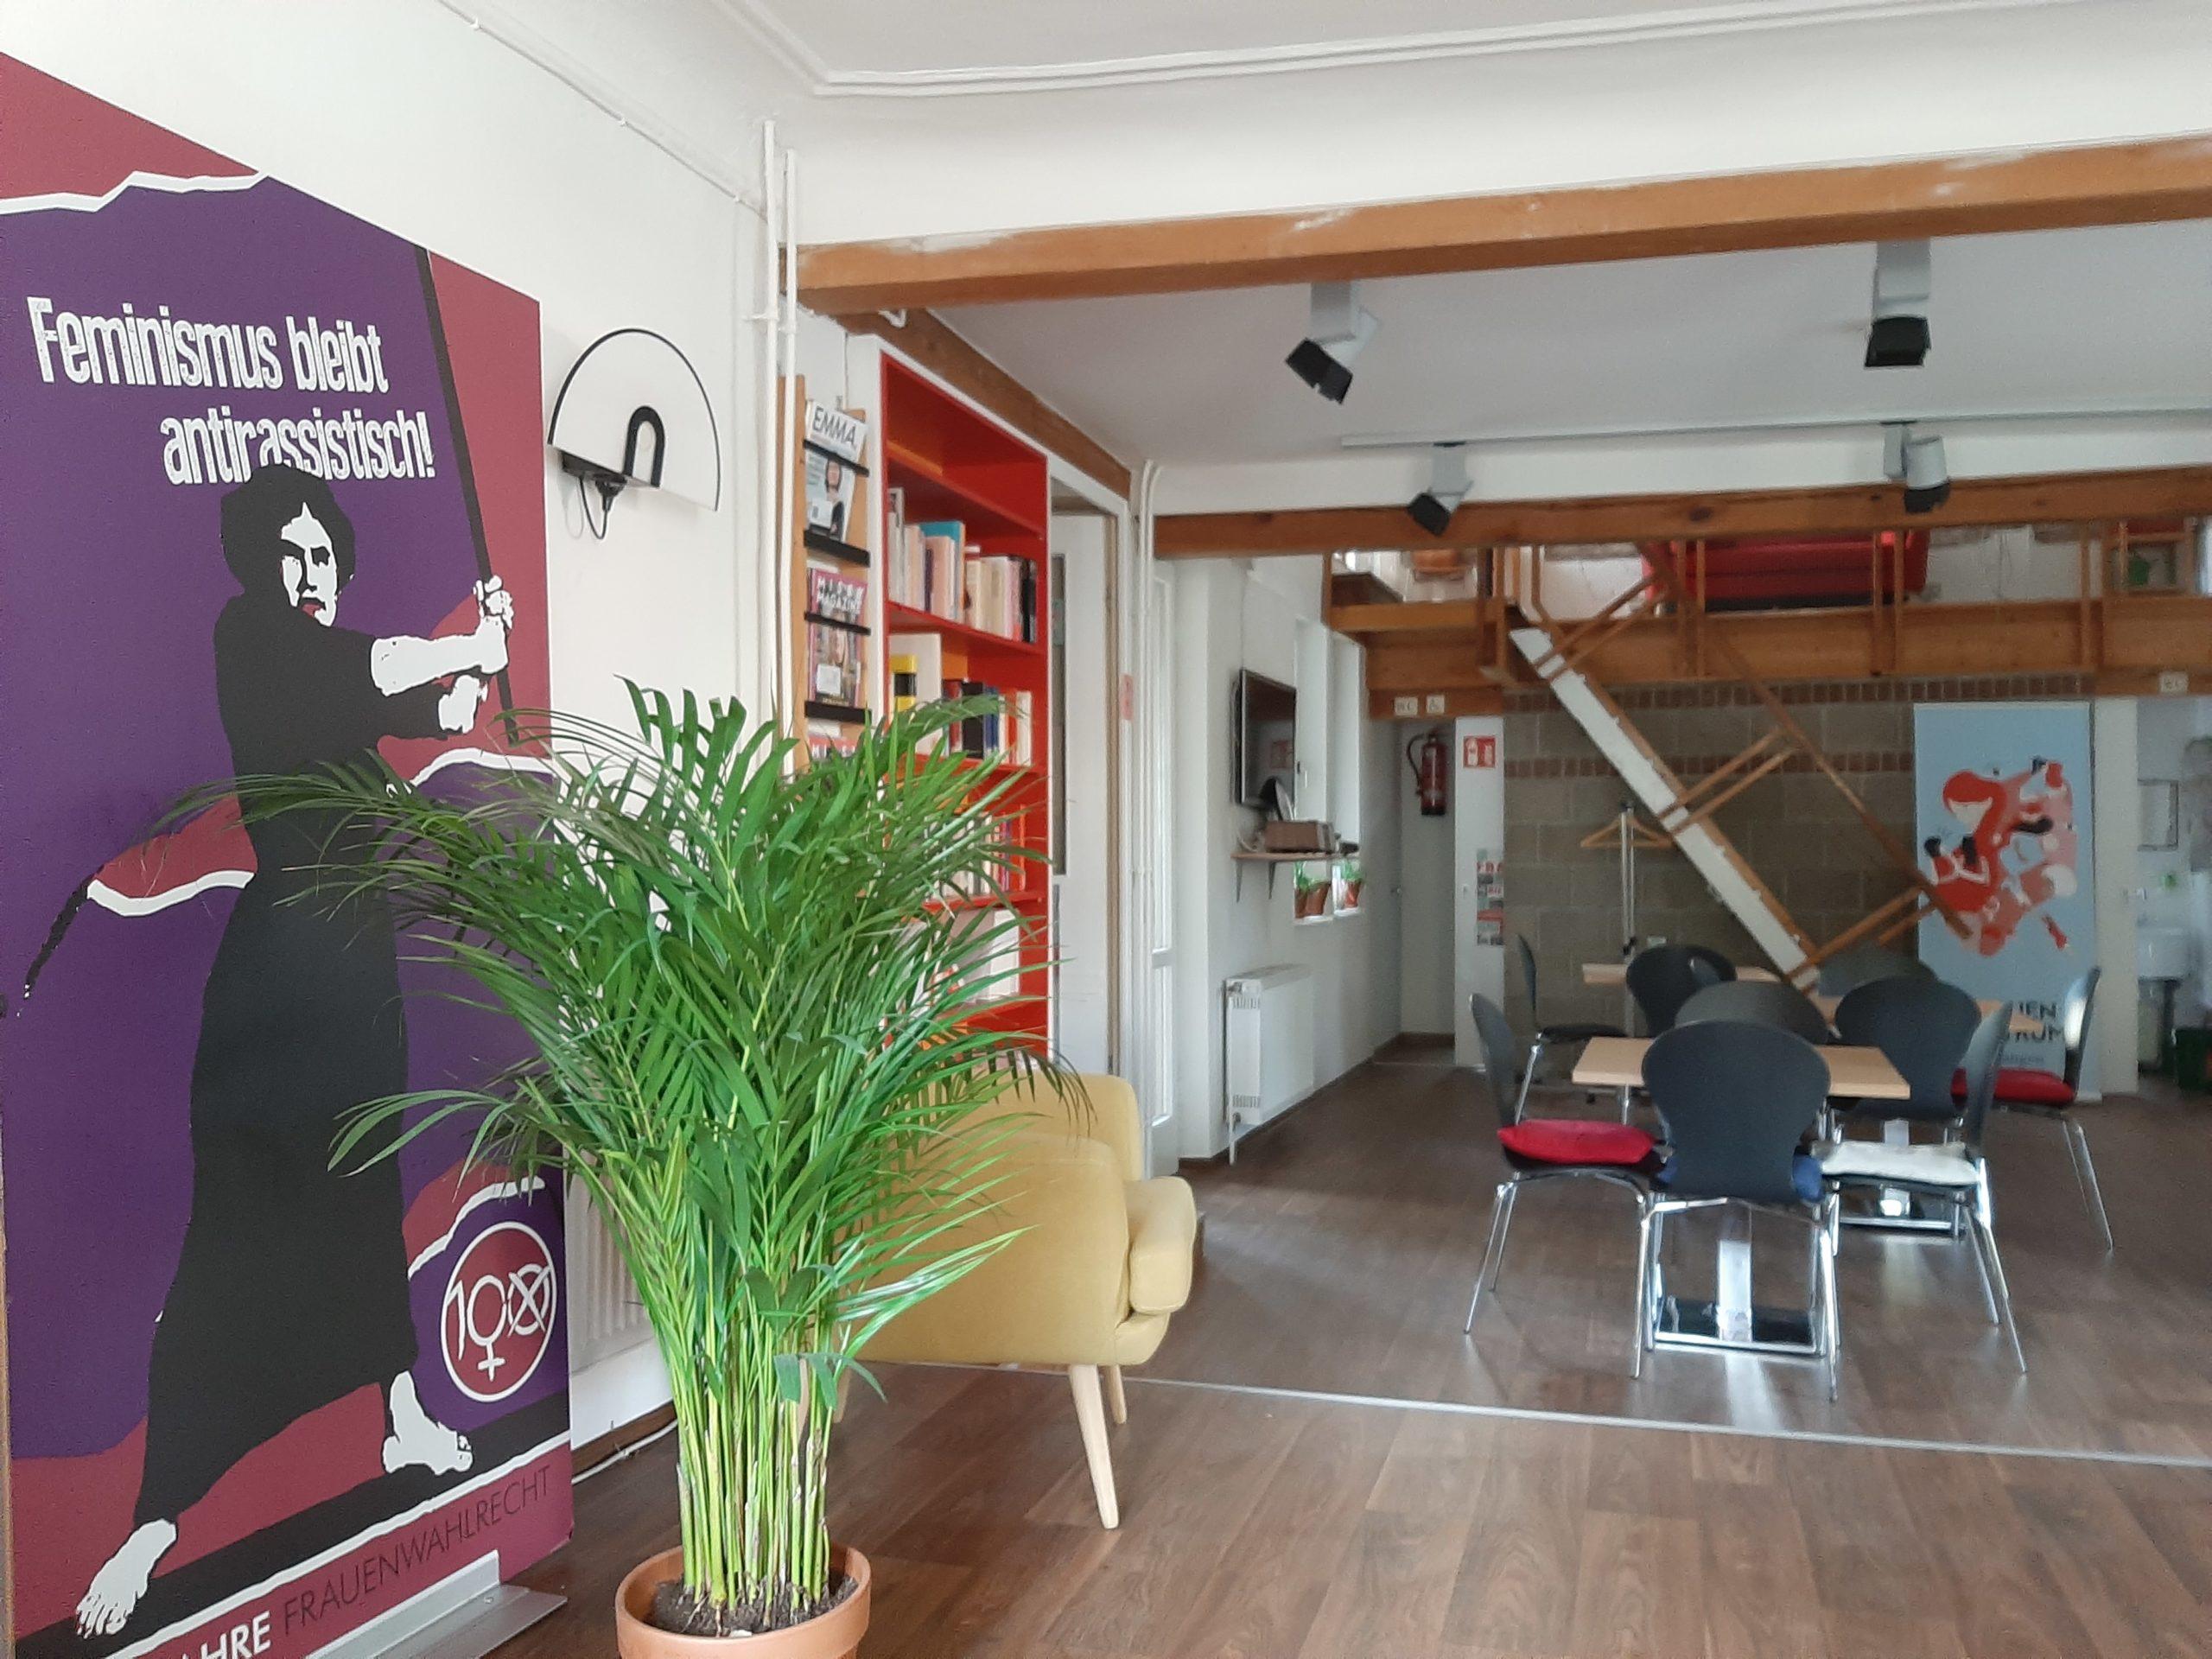 Gemütlicher Innenraum mit Büchern, Zeitschriften und Sitzgelegenheiten sowie großes Poster zum Frauenwahlrecht